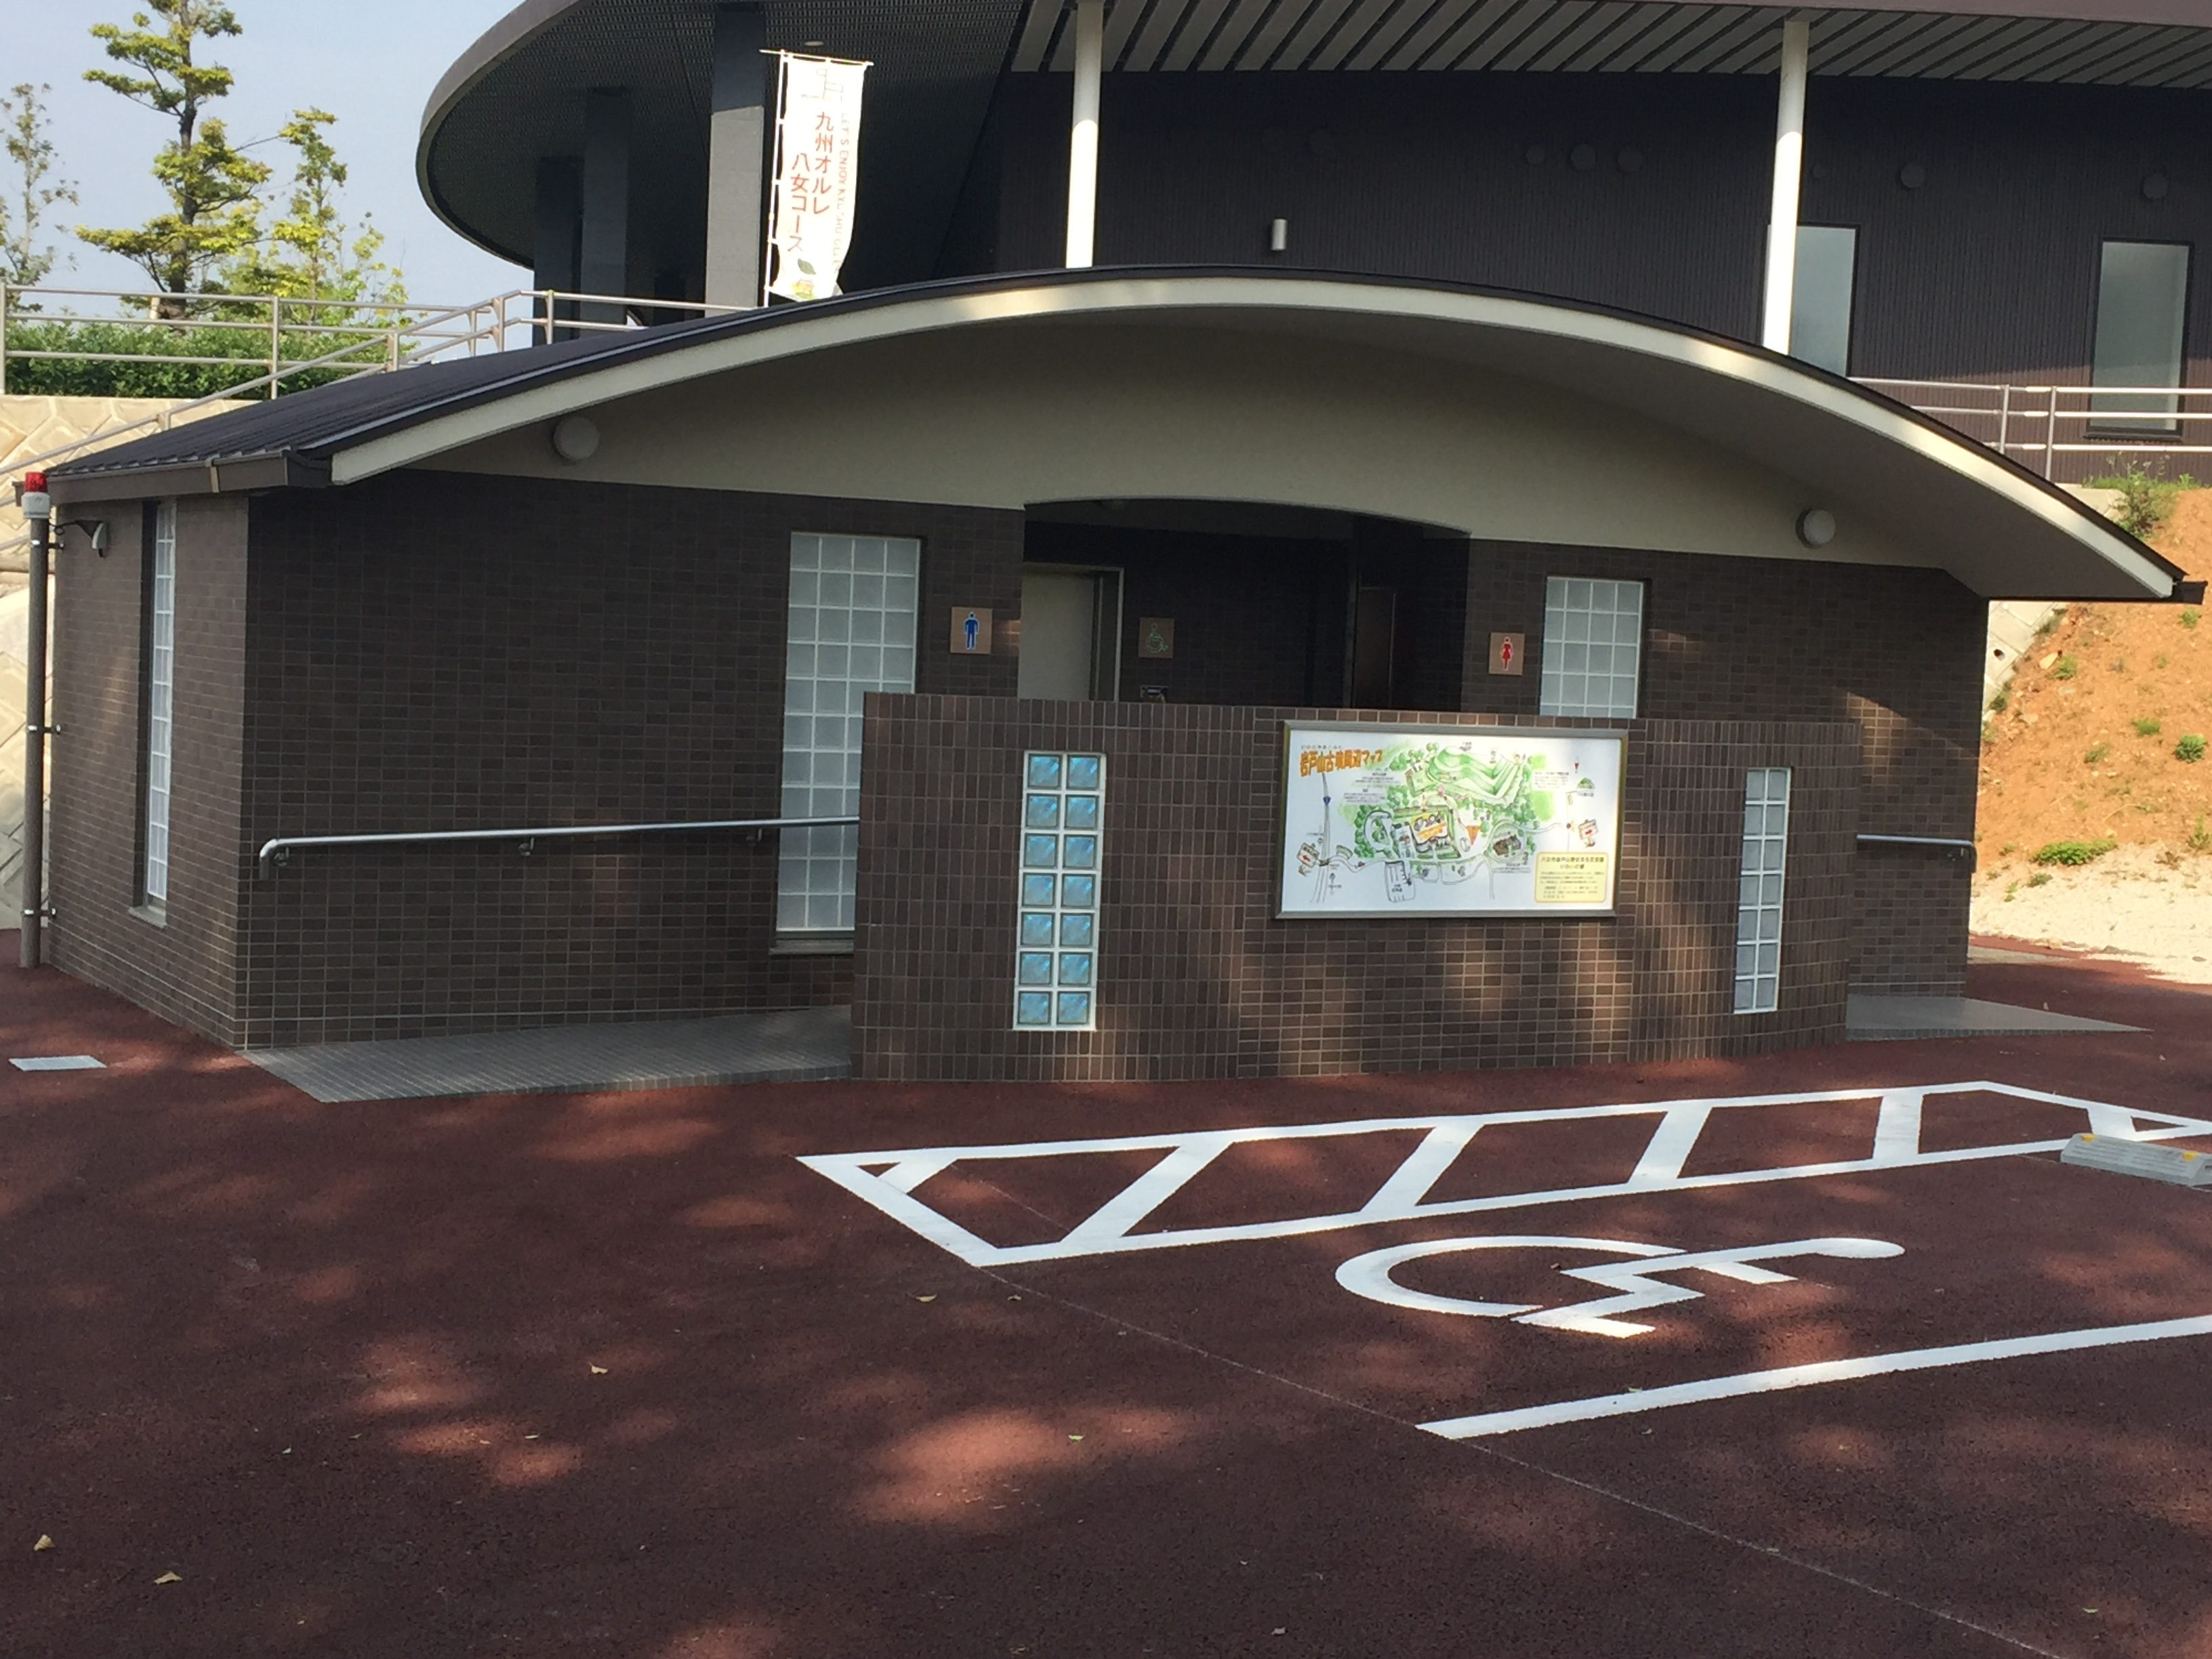 H29,1 岩戸山歴史文化交流館屋外トイレ